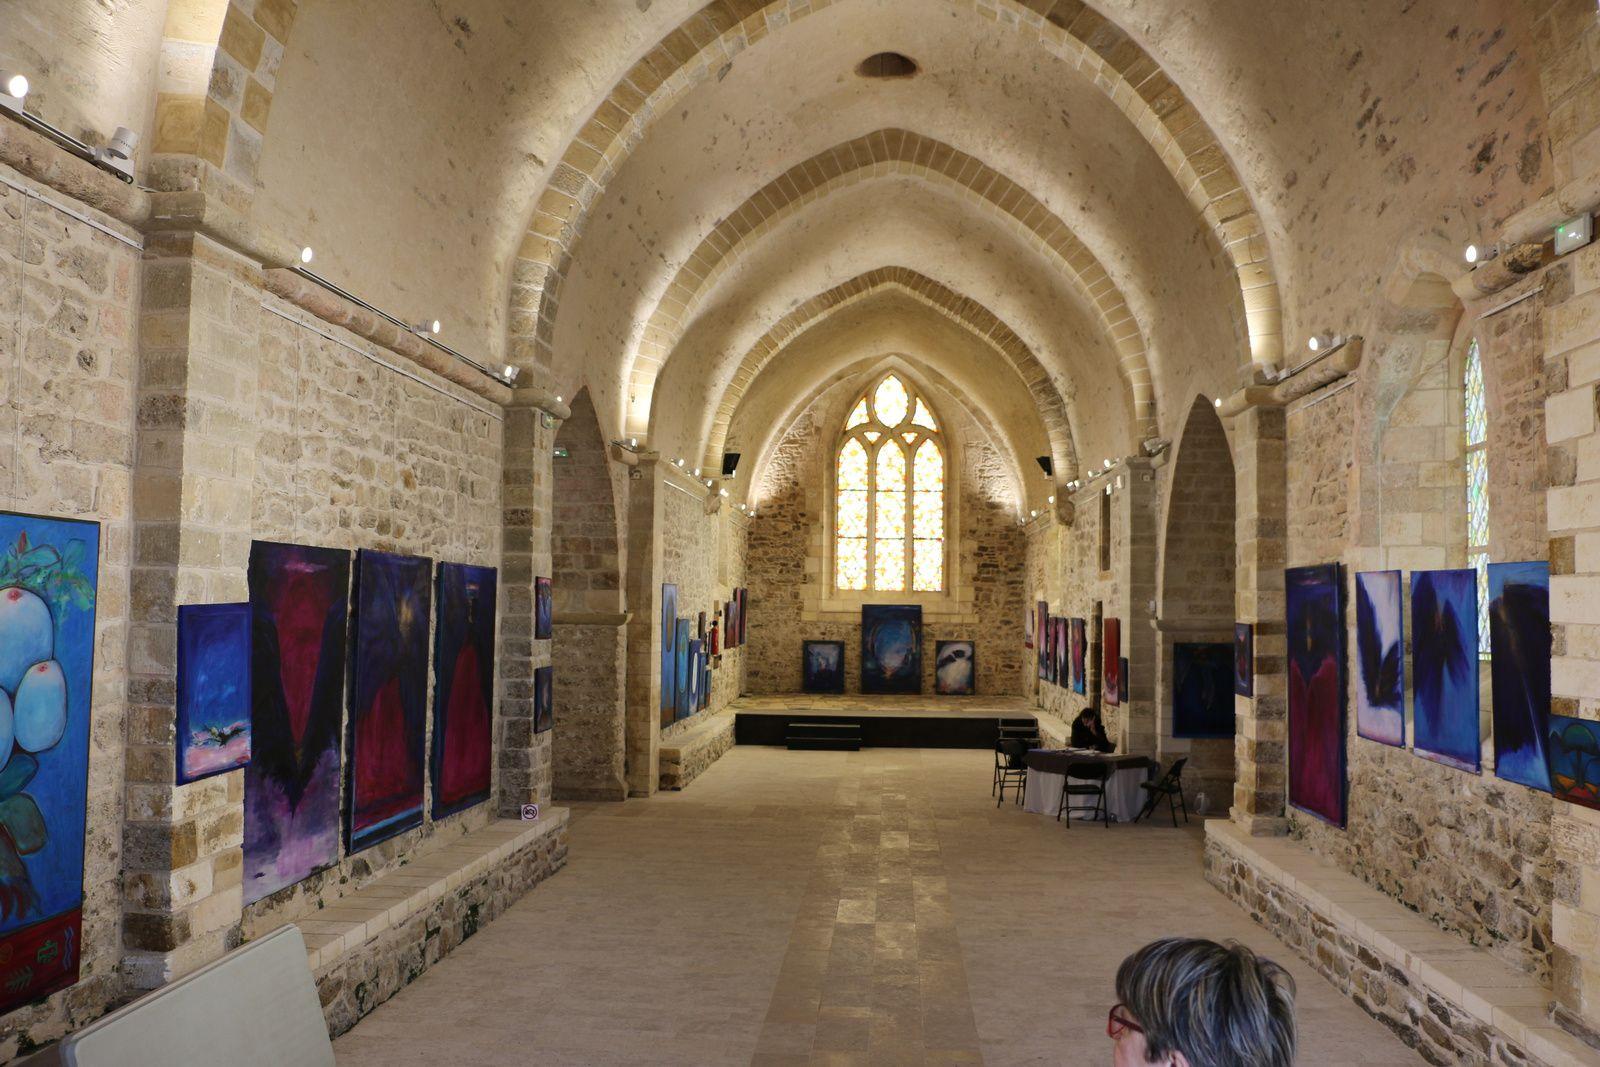 L'architecture des lieux aurait mérité plusieurs photos, mais interdites pendant l'expo ! dommage.